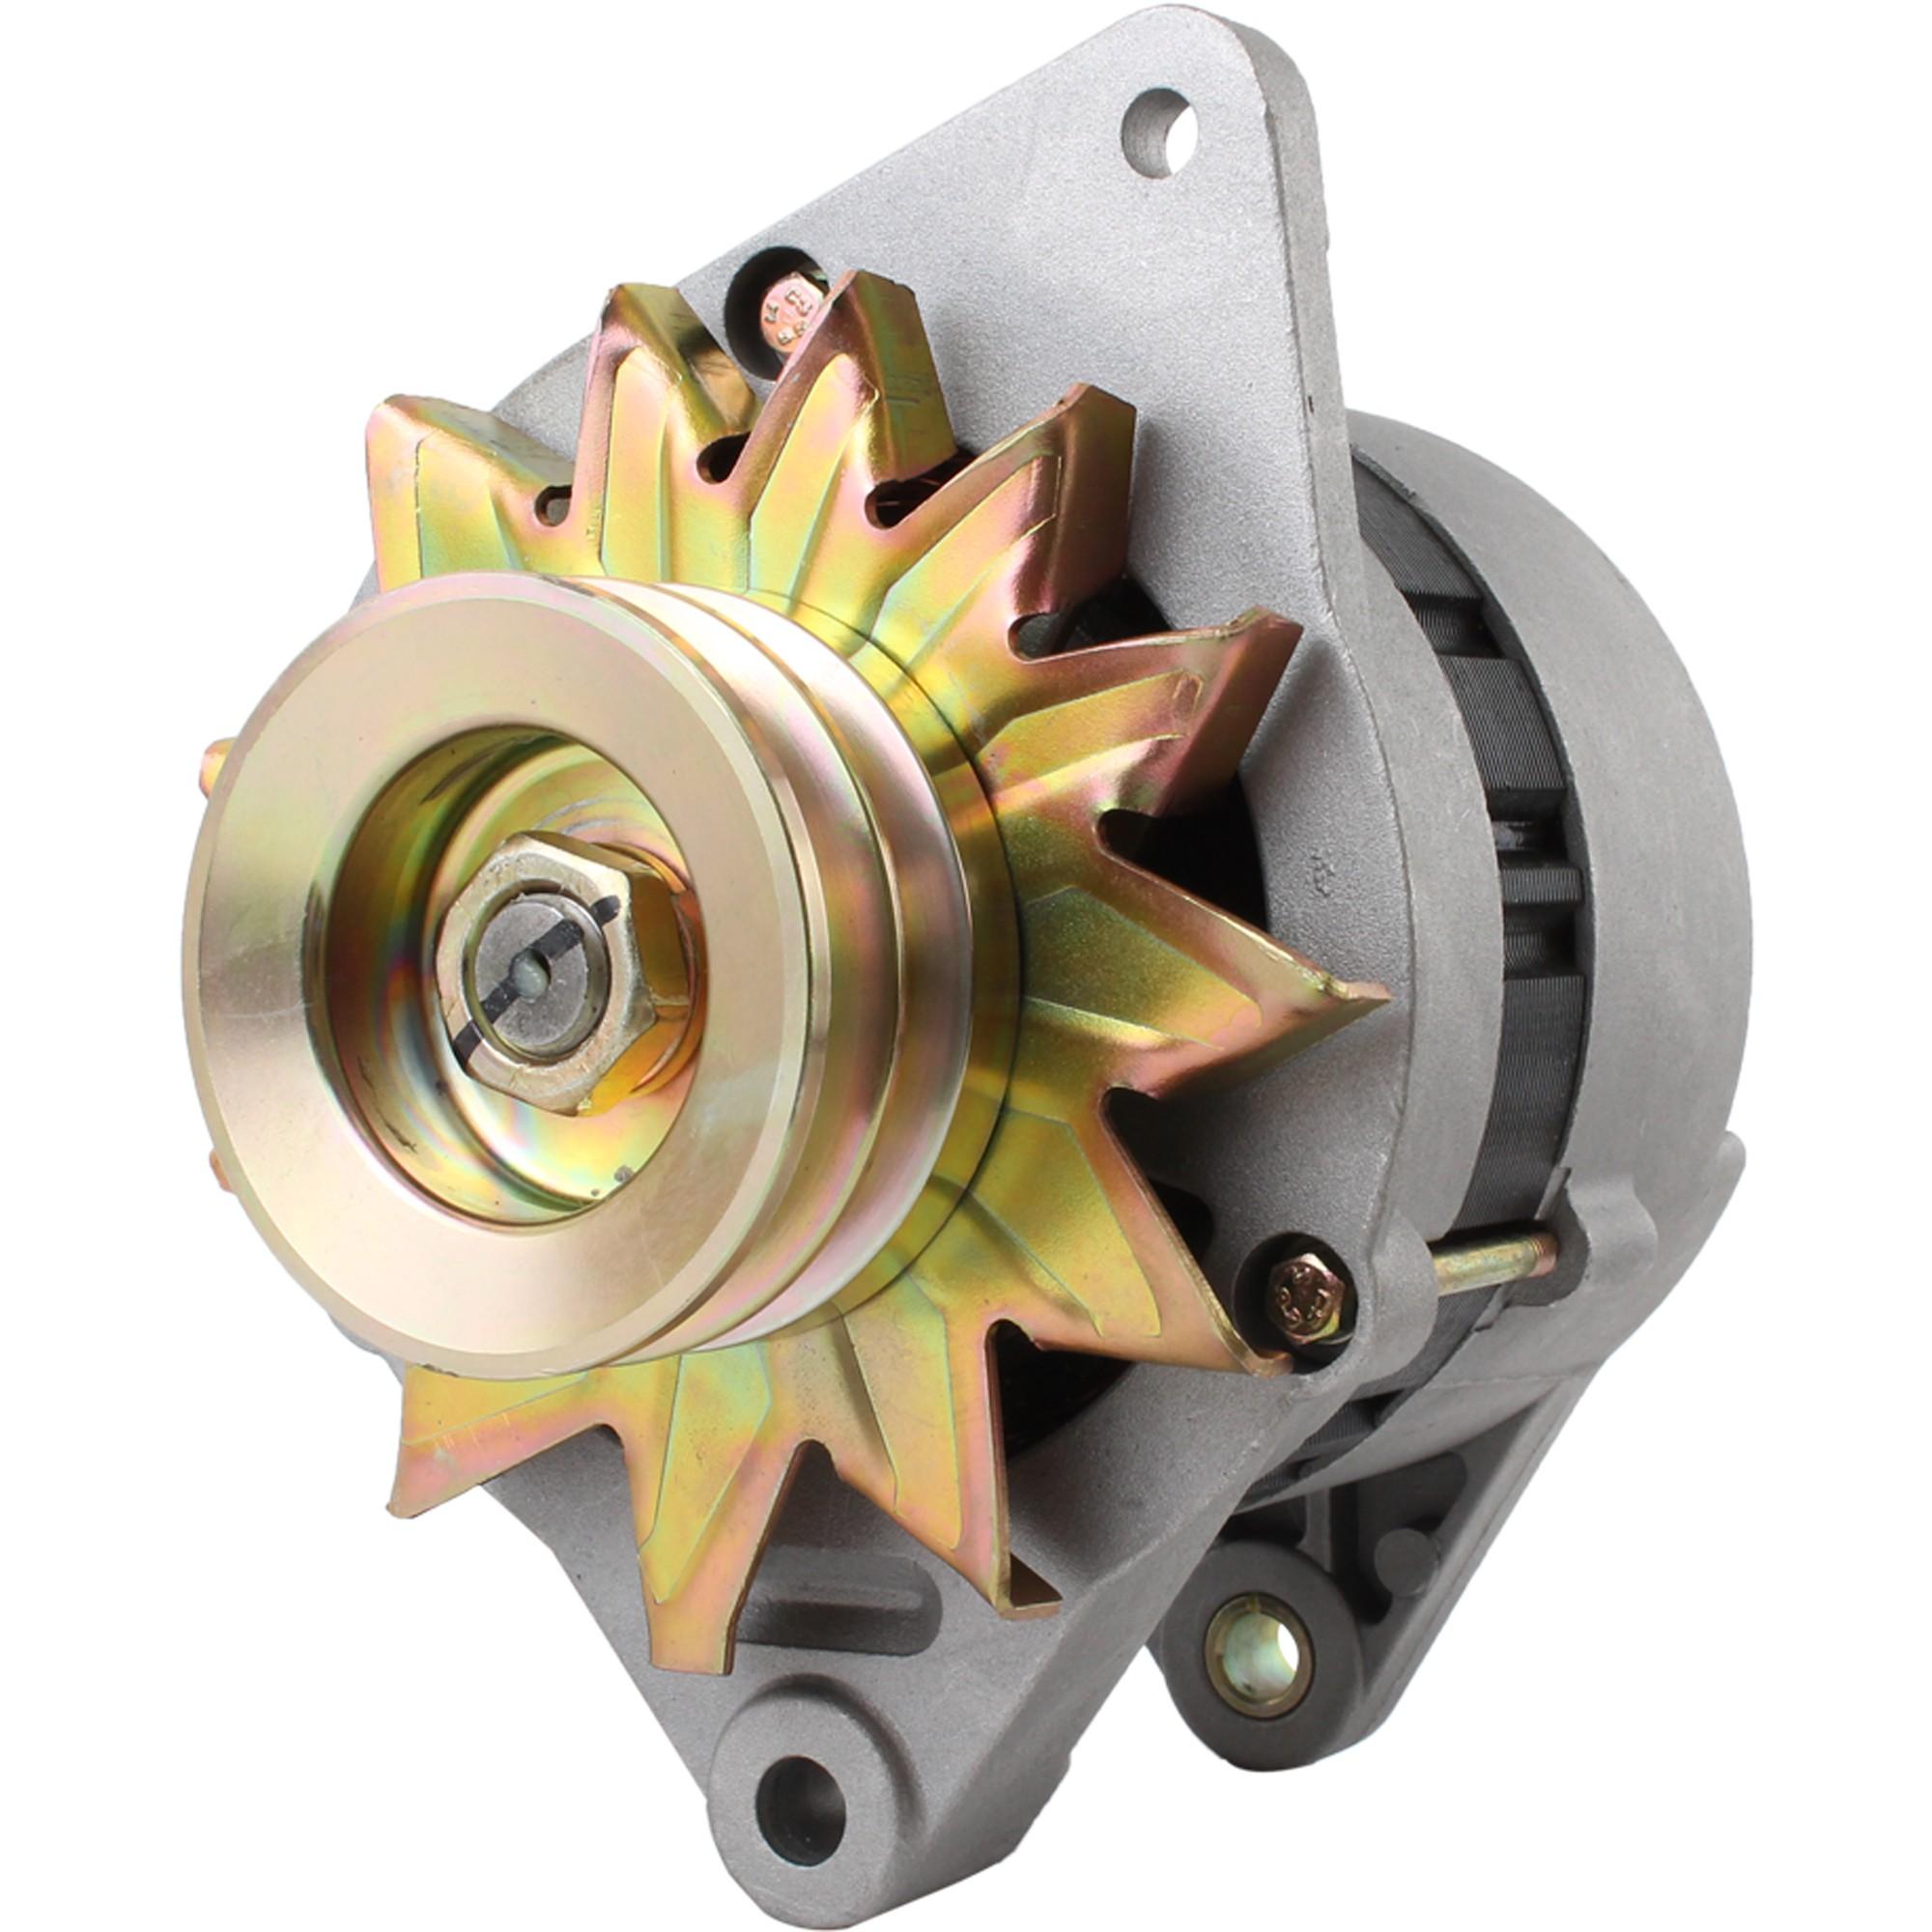 New Alternator for Zetor 5320 5340 6211 5245 6320 6340 7211 7245 7320 Tractor